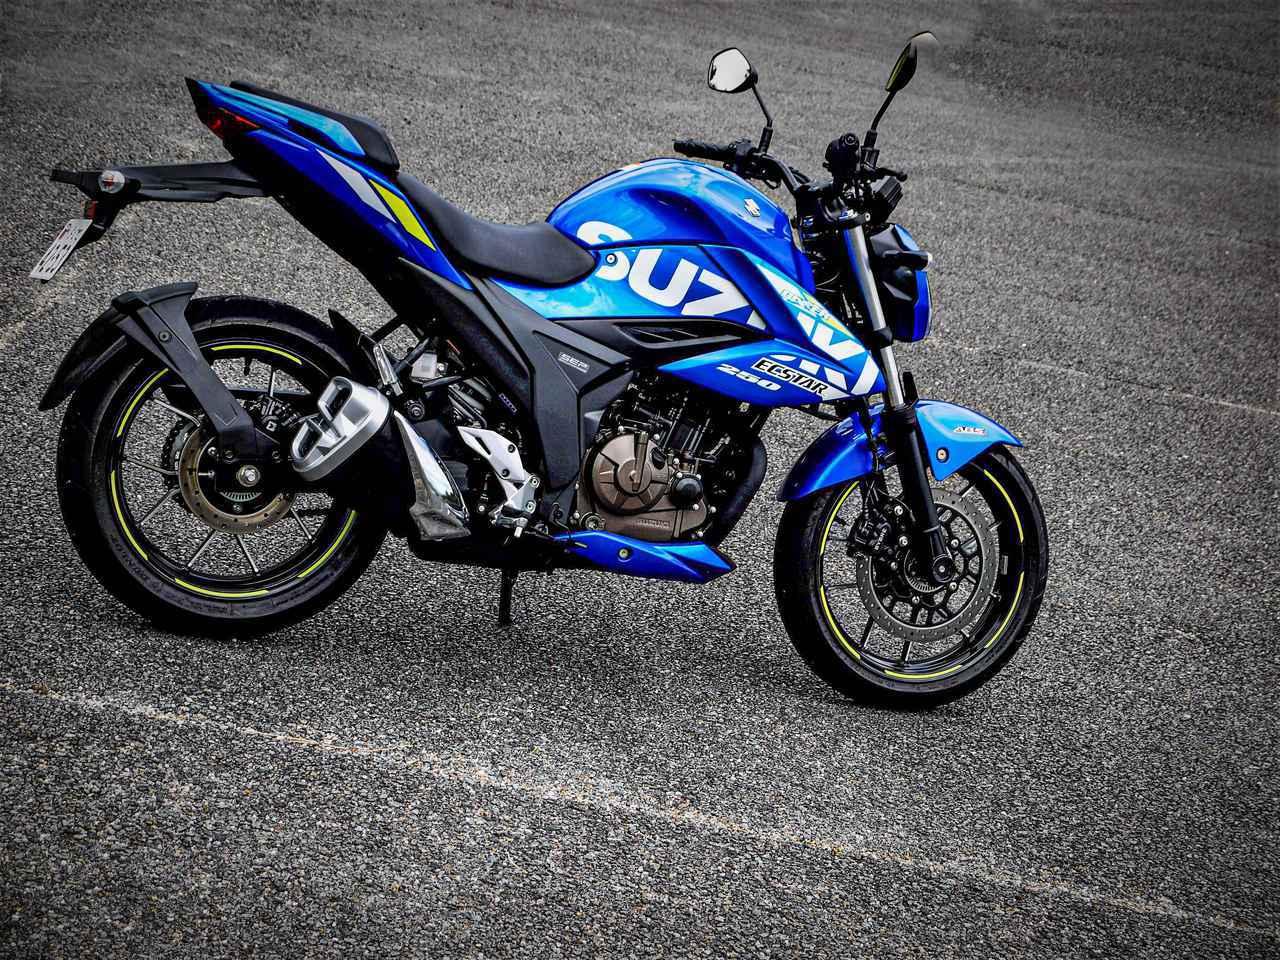 画像: 150があれば十分じゃない!? 250ccの『ジクサー250』って、どんな人におすすめできるバイクなんだ? - スズキのバイク!